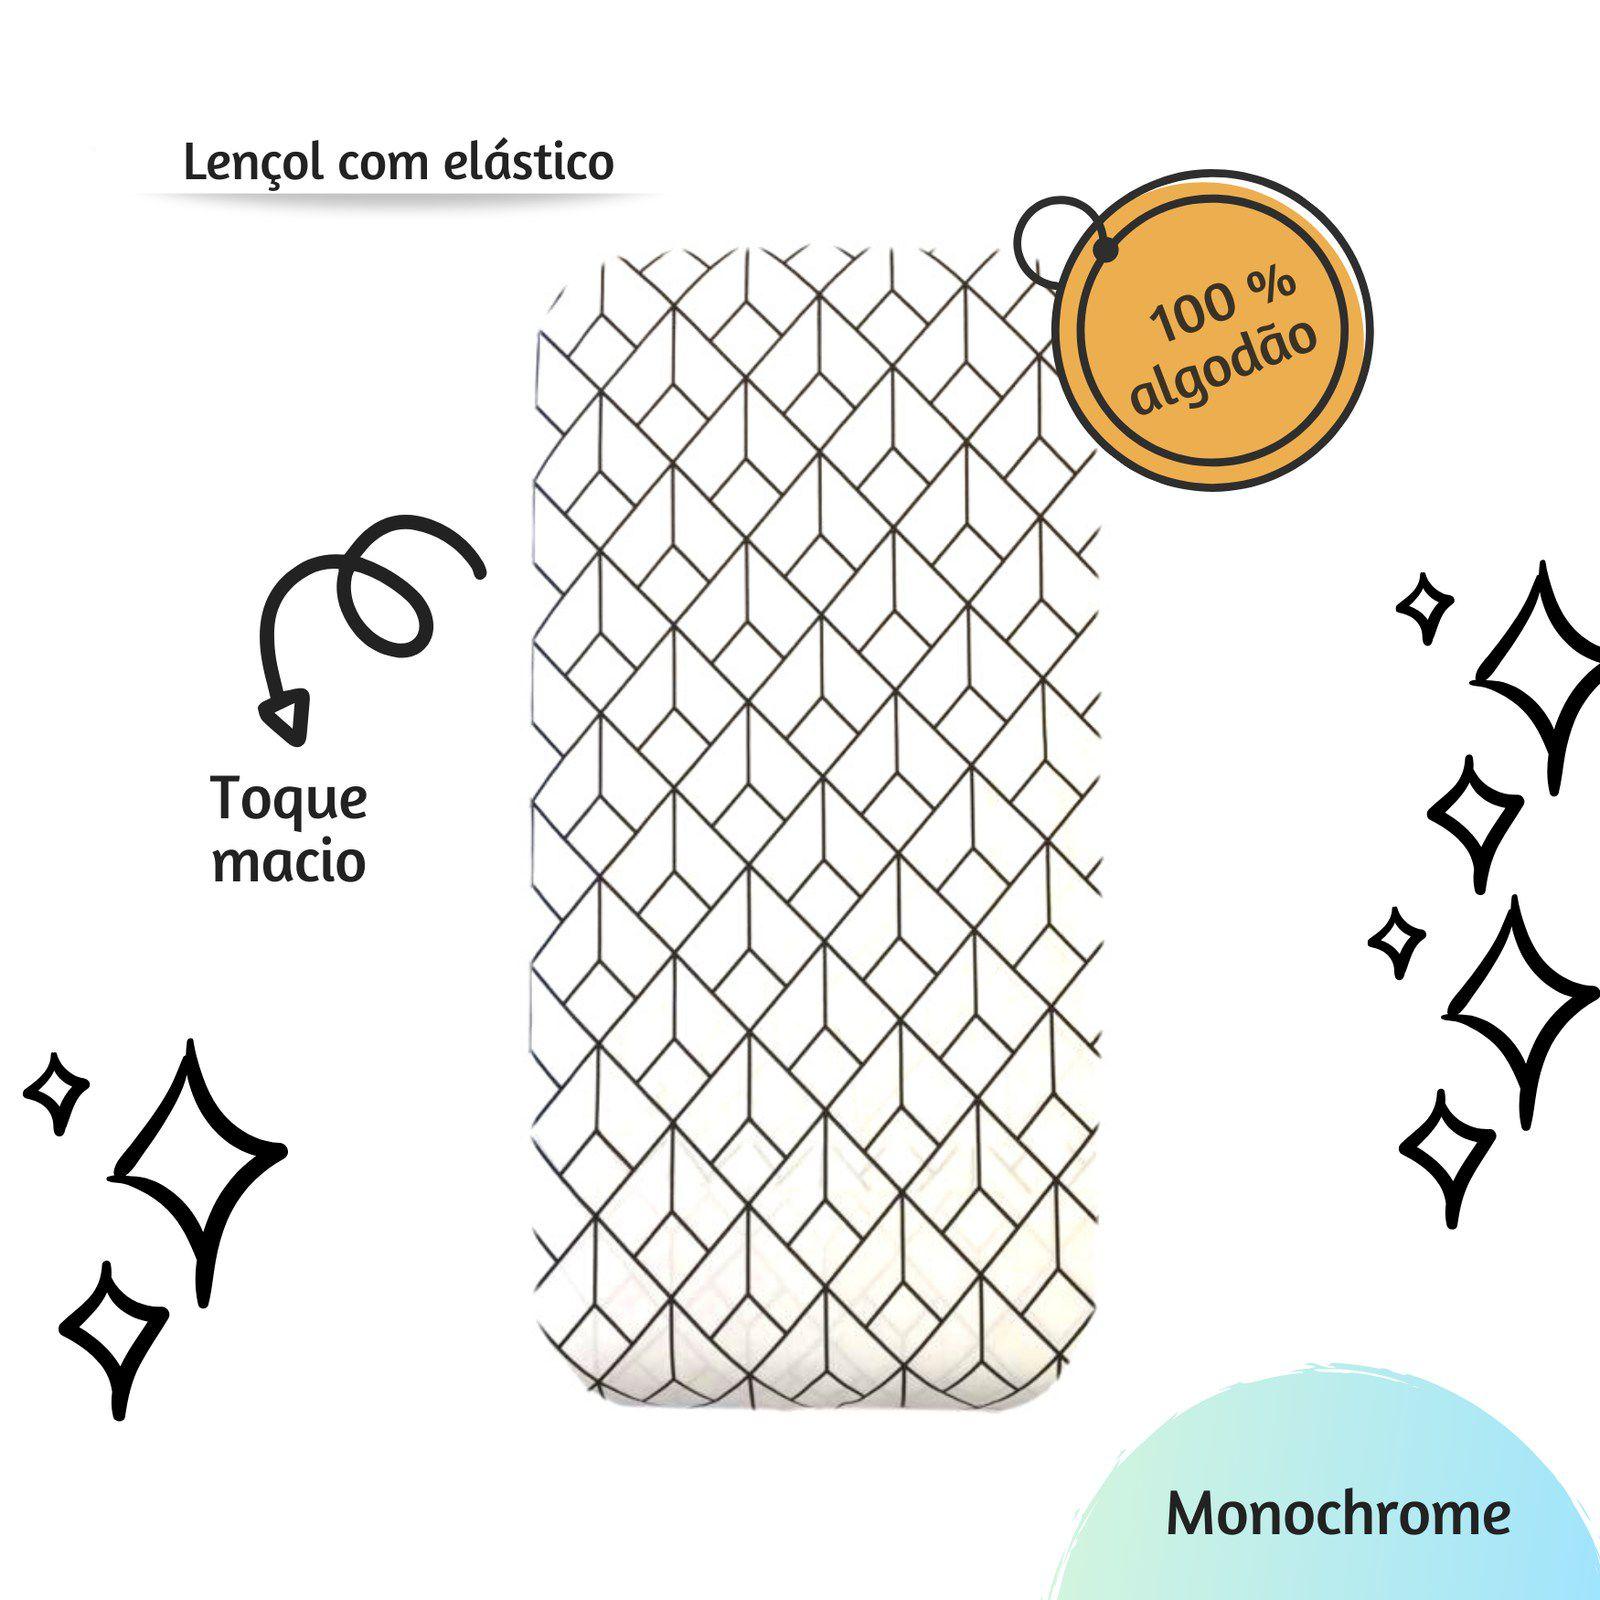 Lençol com elástico mini cama 70 x 150 cm Monochrome